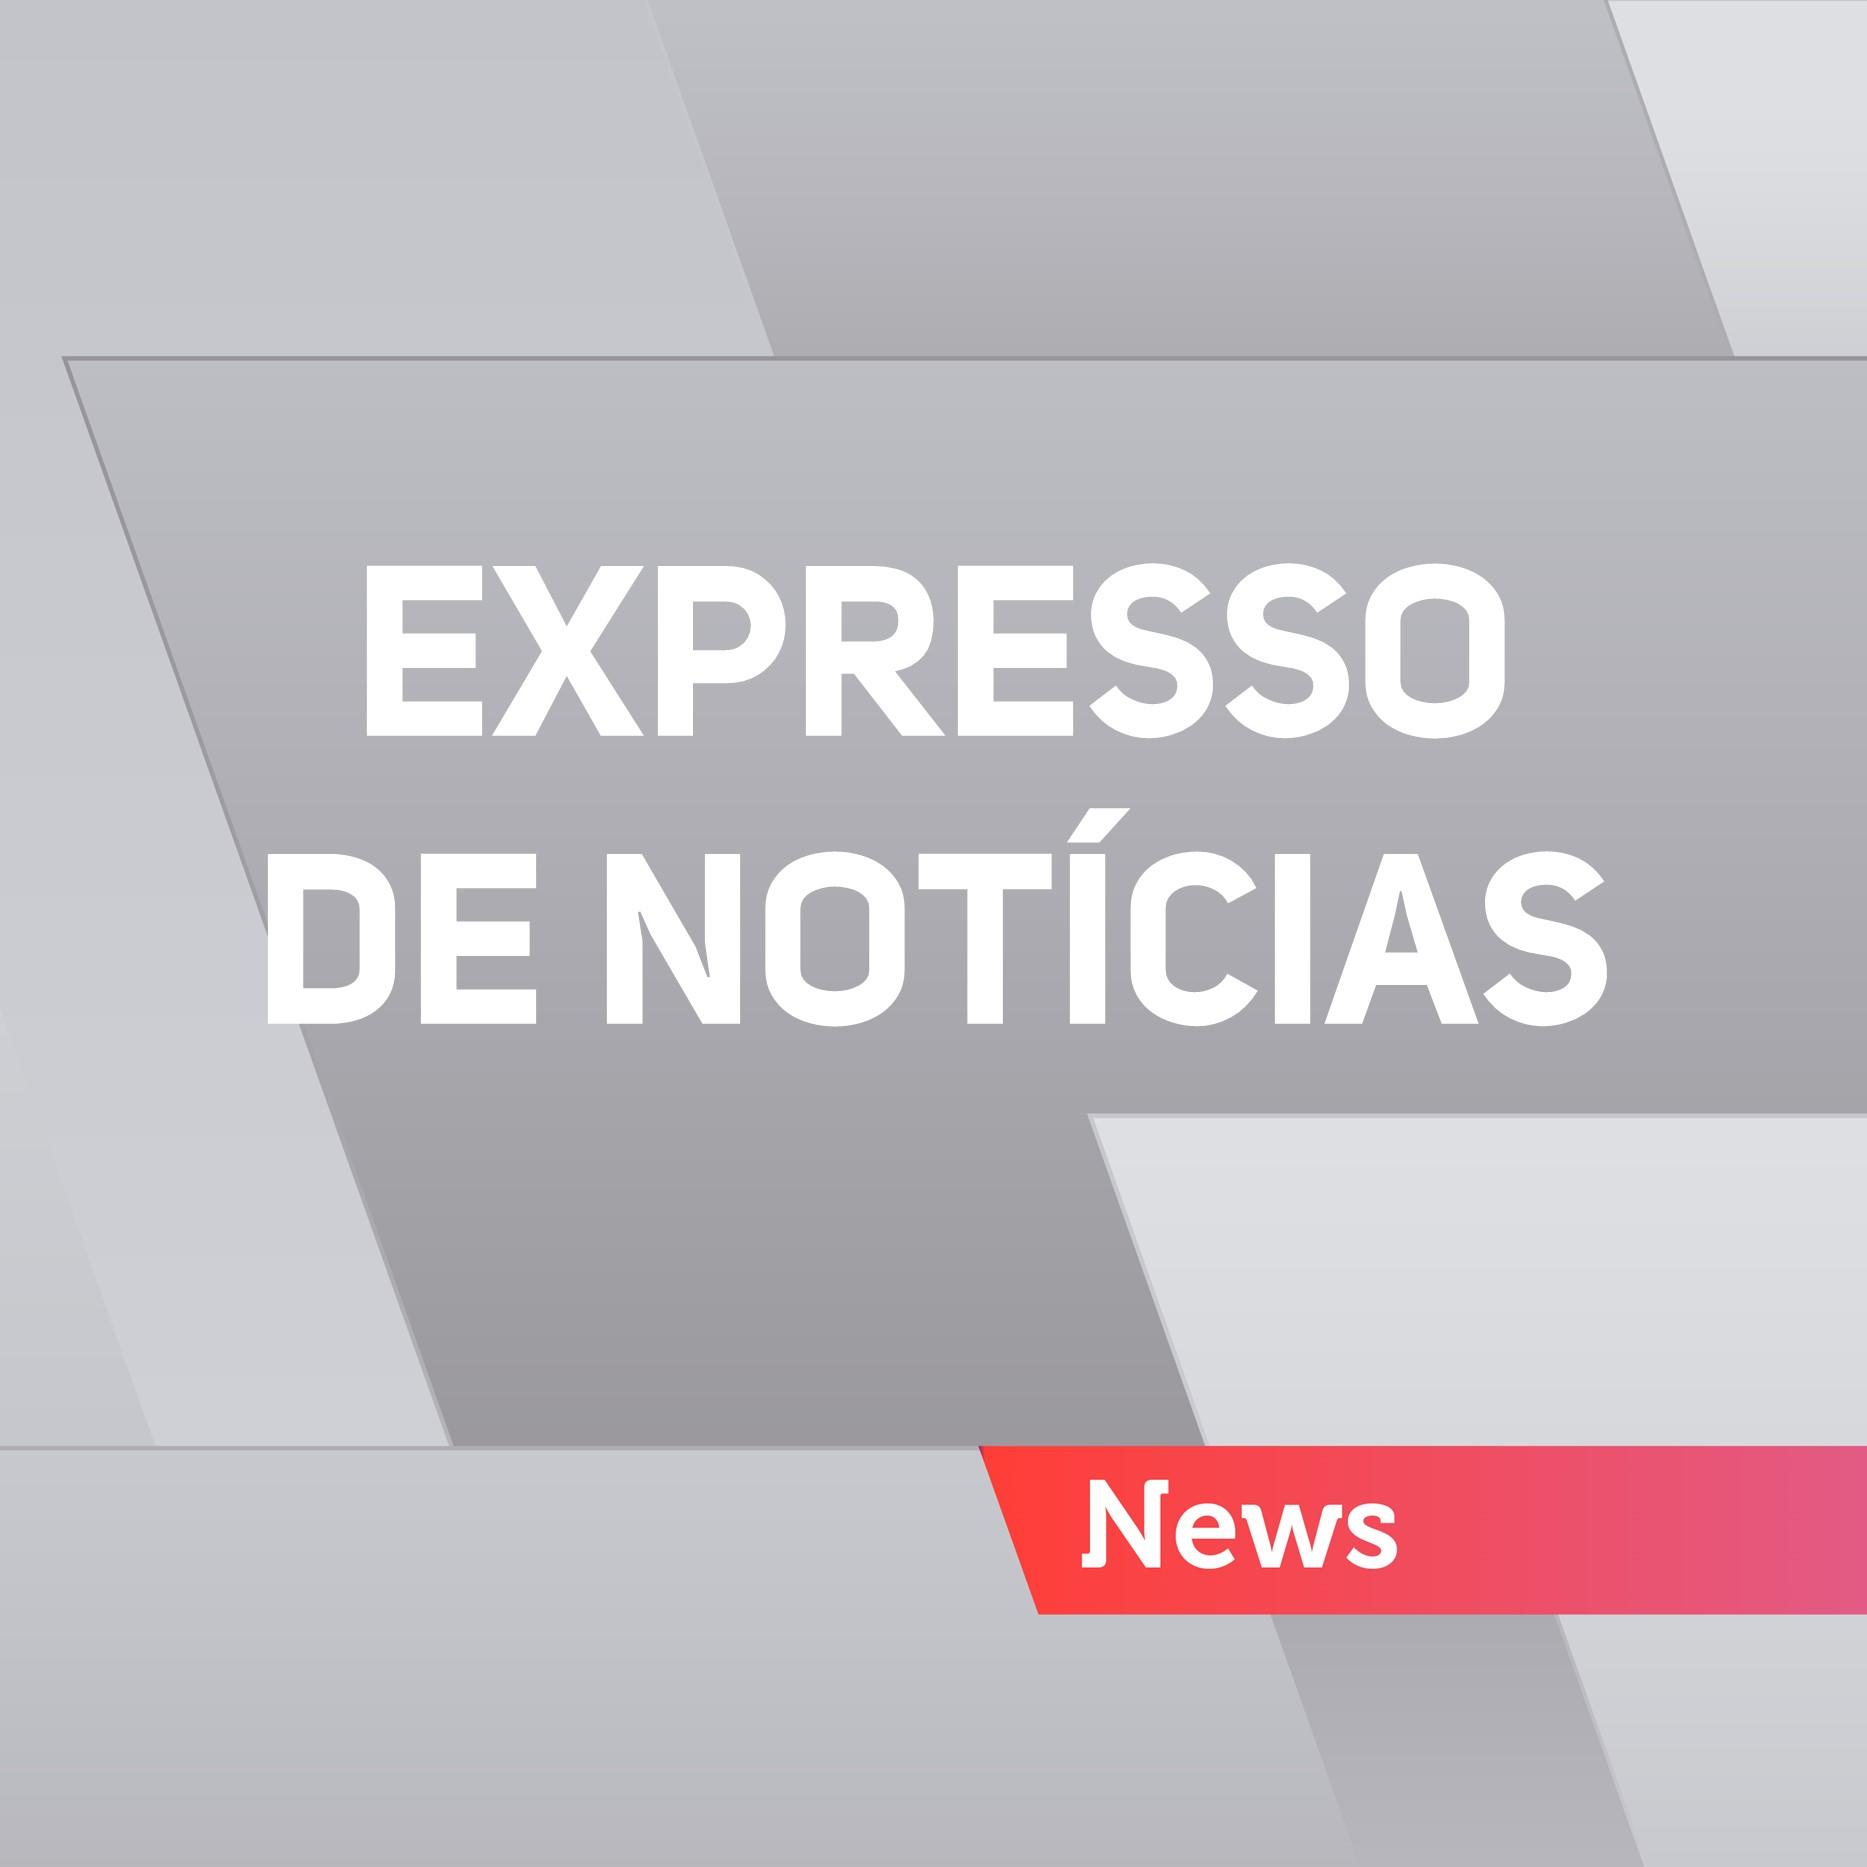 Expresso de Notícias do Gaúcha Hoje – 26/05/2017